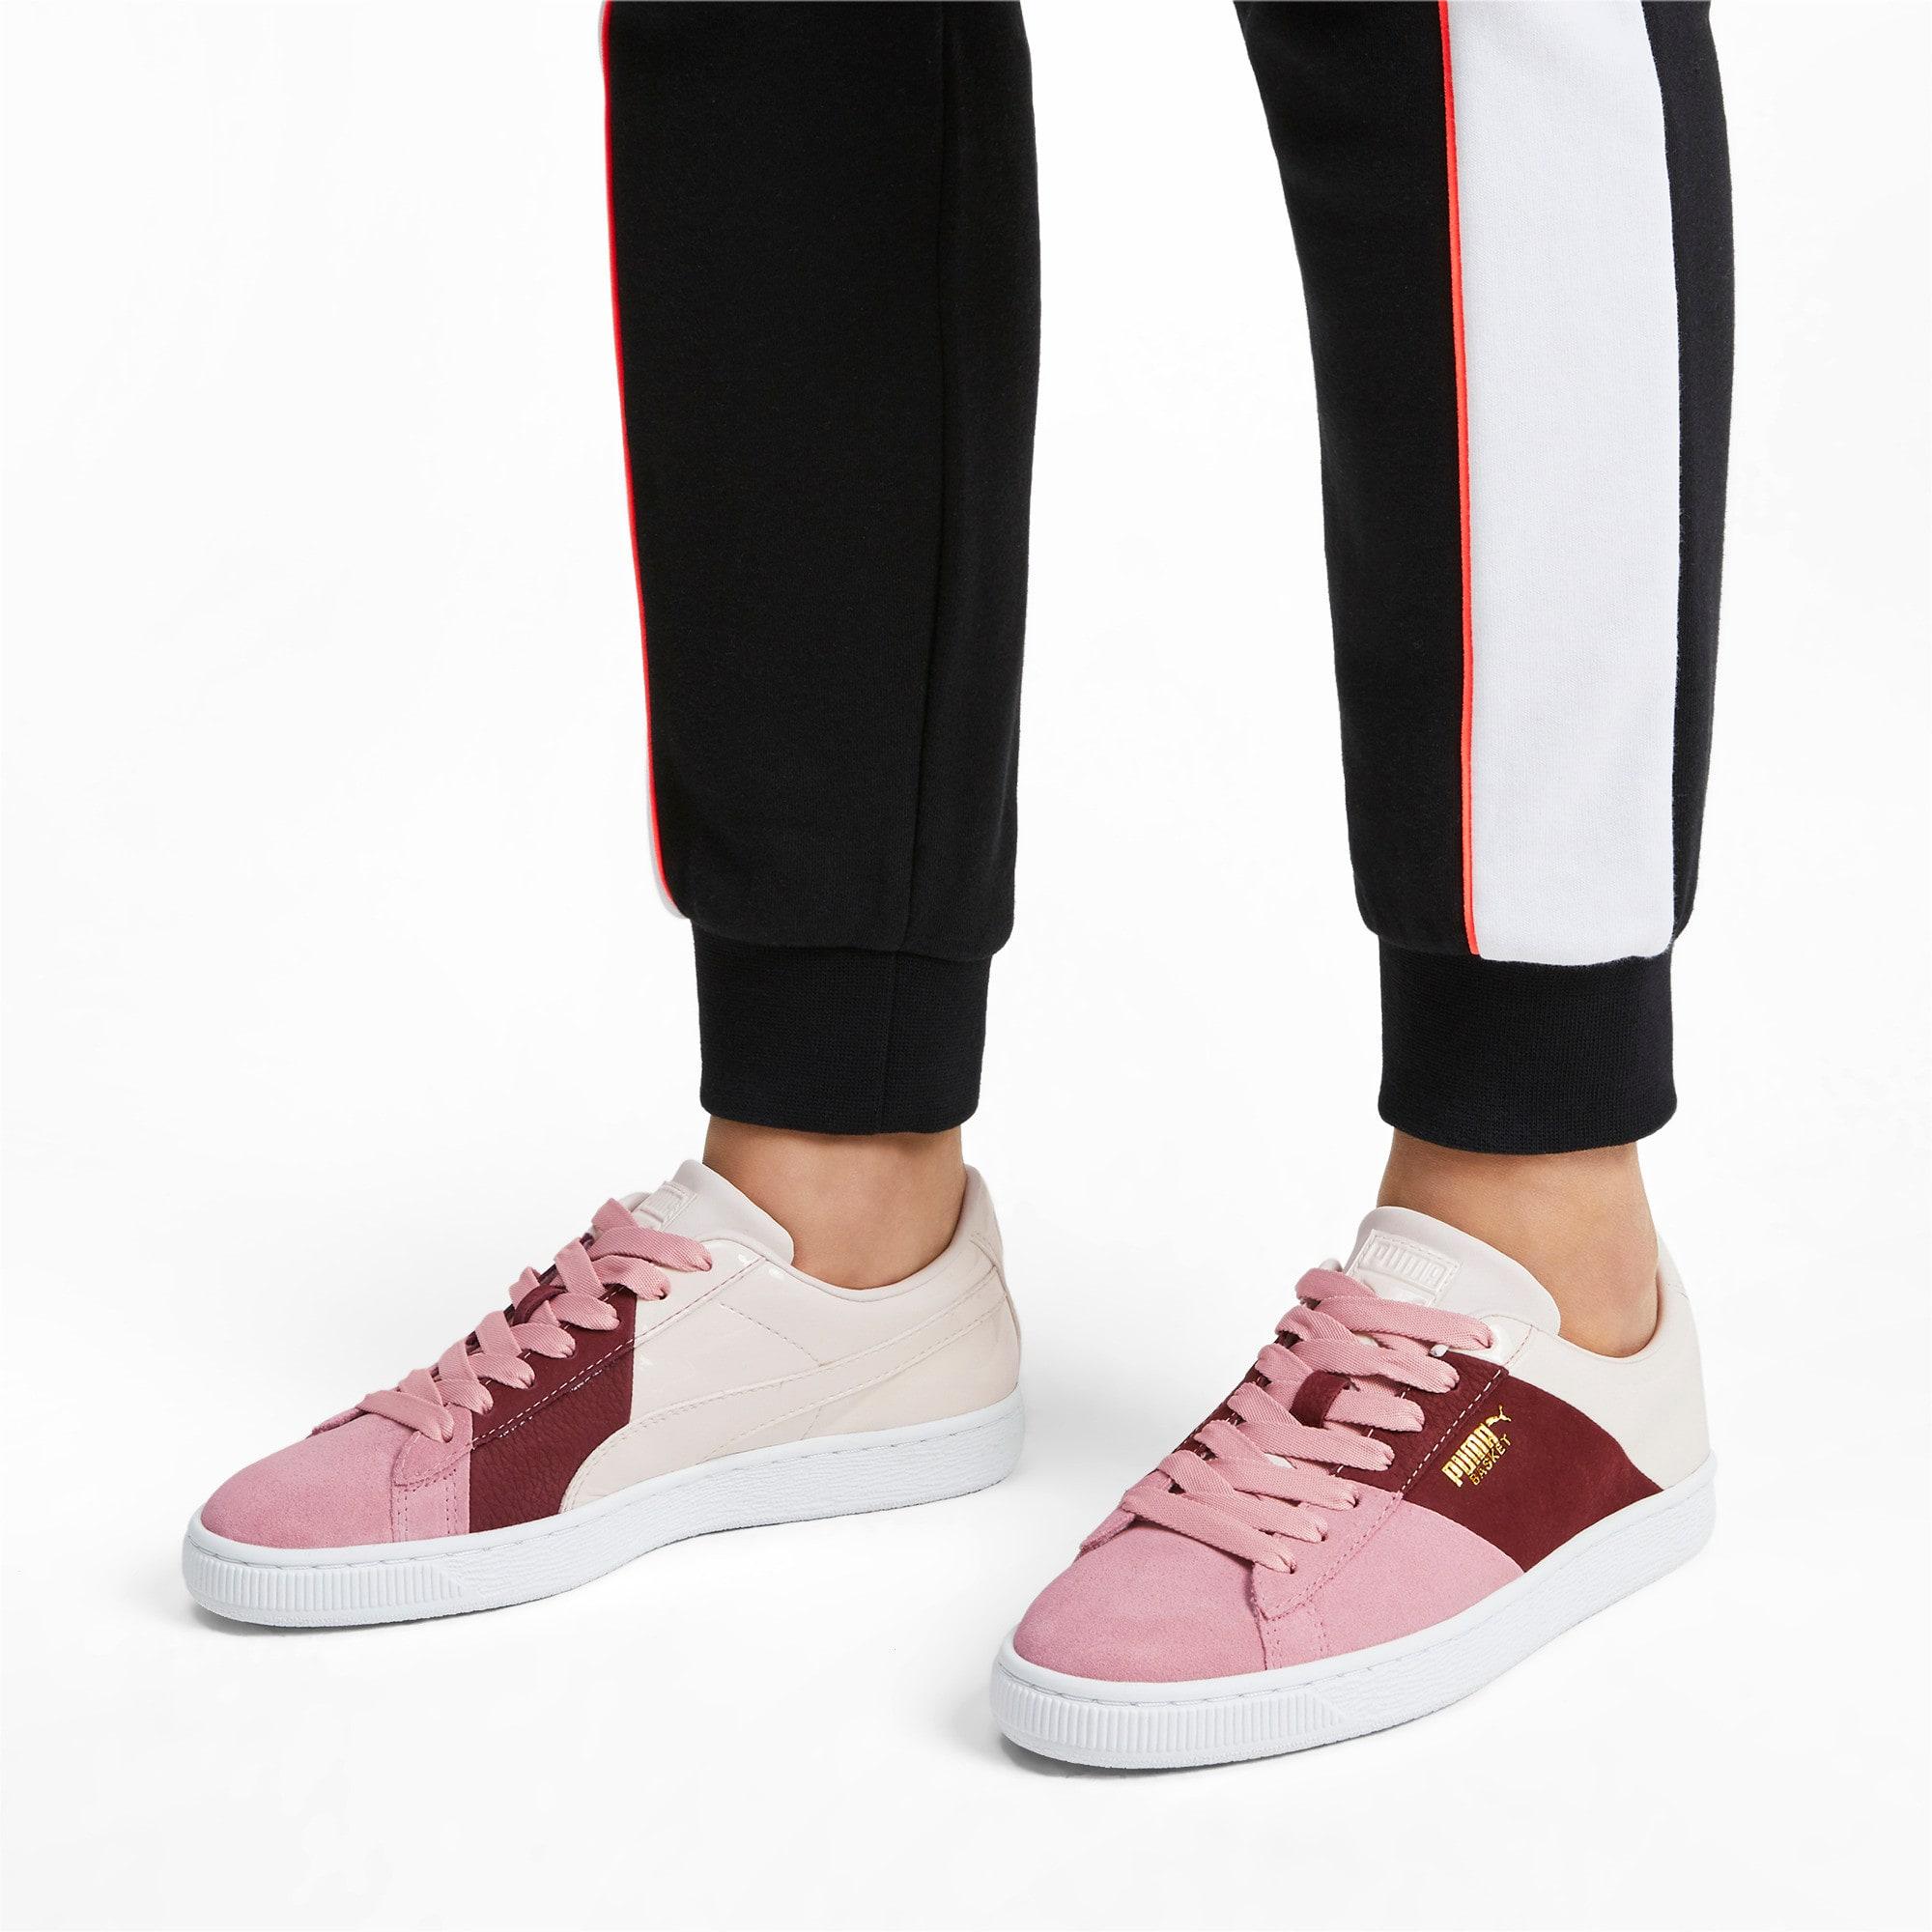 Thumbnail 2 of Basket Remix Women's Sneakers, Bridal Rose-Fired Brick, medium